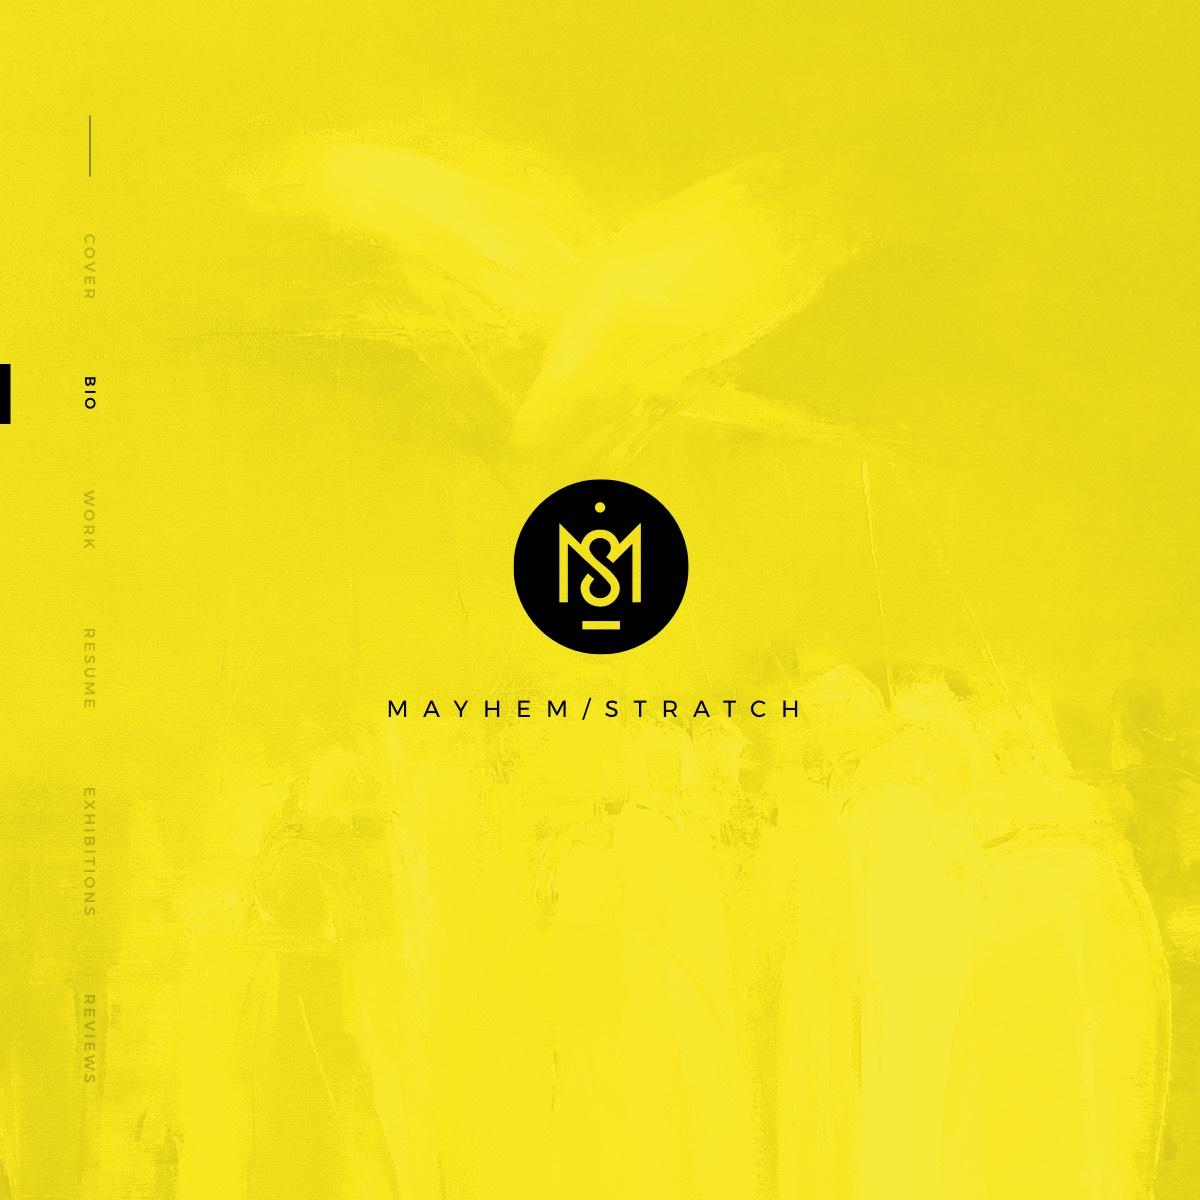 Mayhem & Stratch